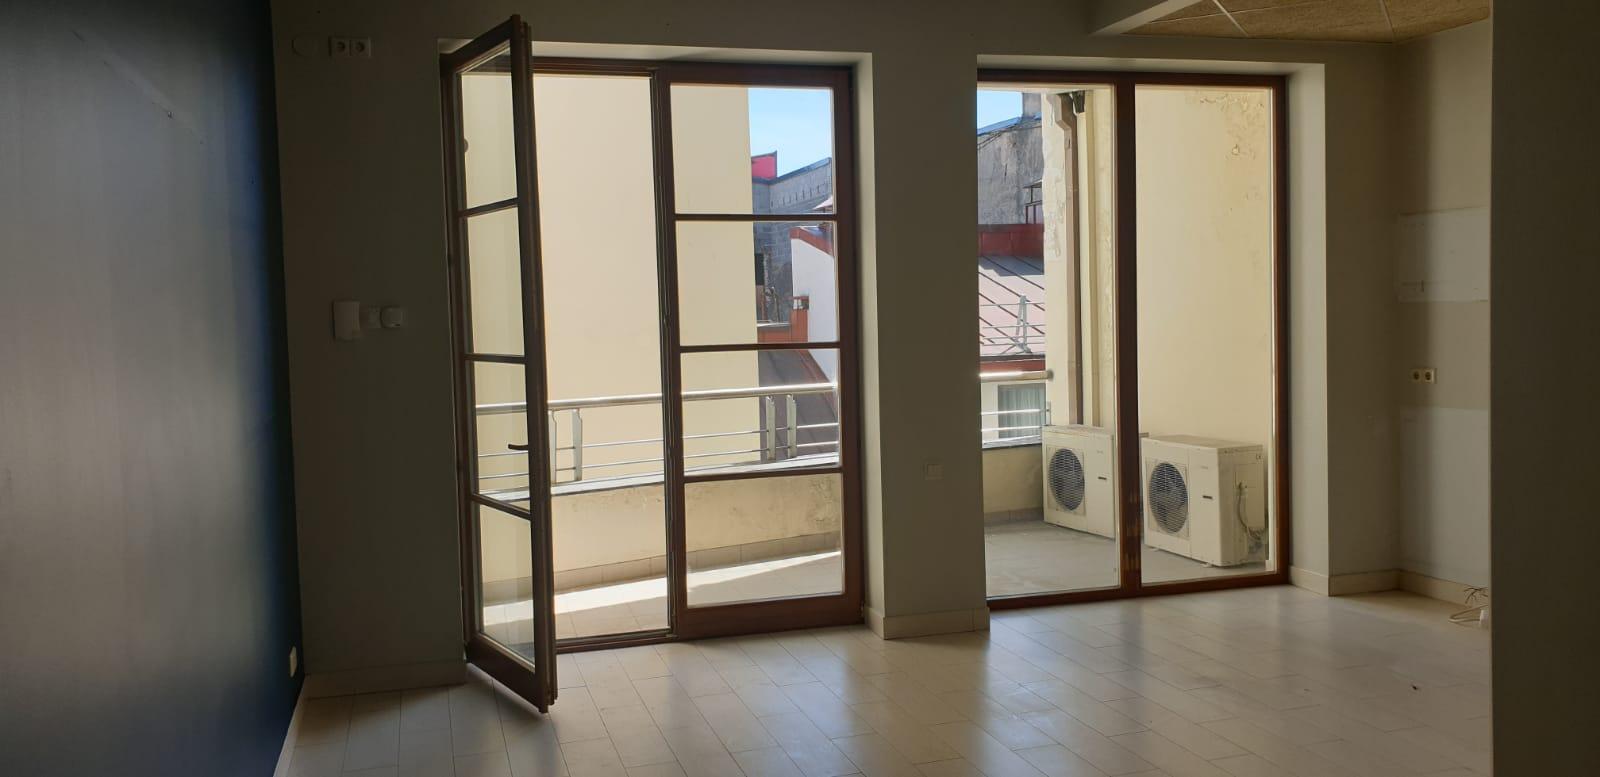 Продается квартира в Старой Риге, Ул. Грецинеку.